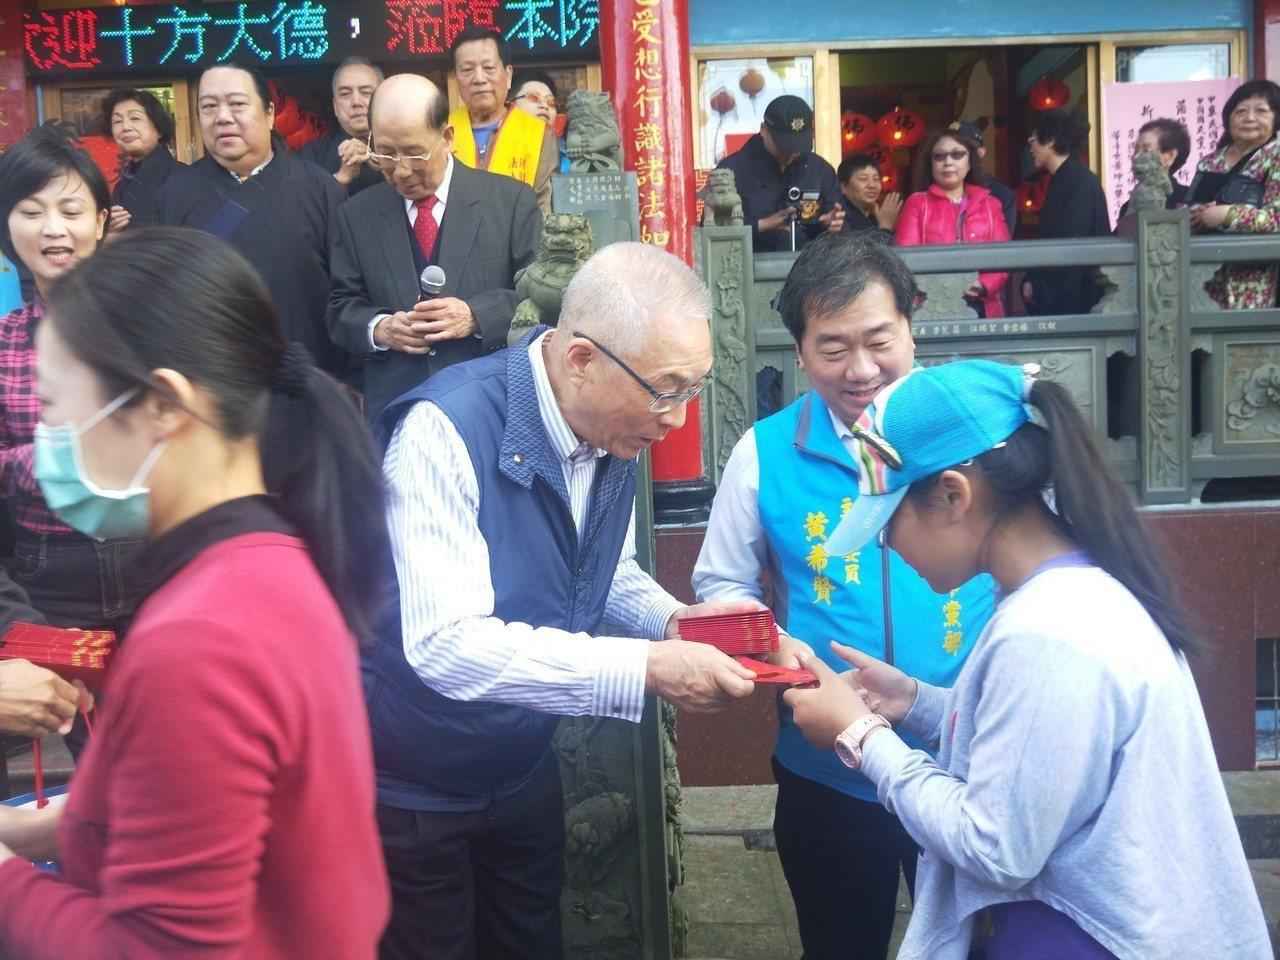 今天是傳統初二回娘家的日子,國民黨主席吳敦義、蔡令怡夫婦上午到靈鷲山無生道場參拜...